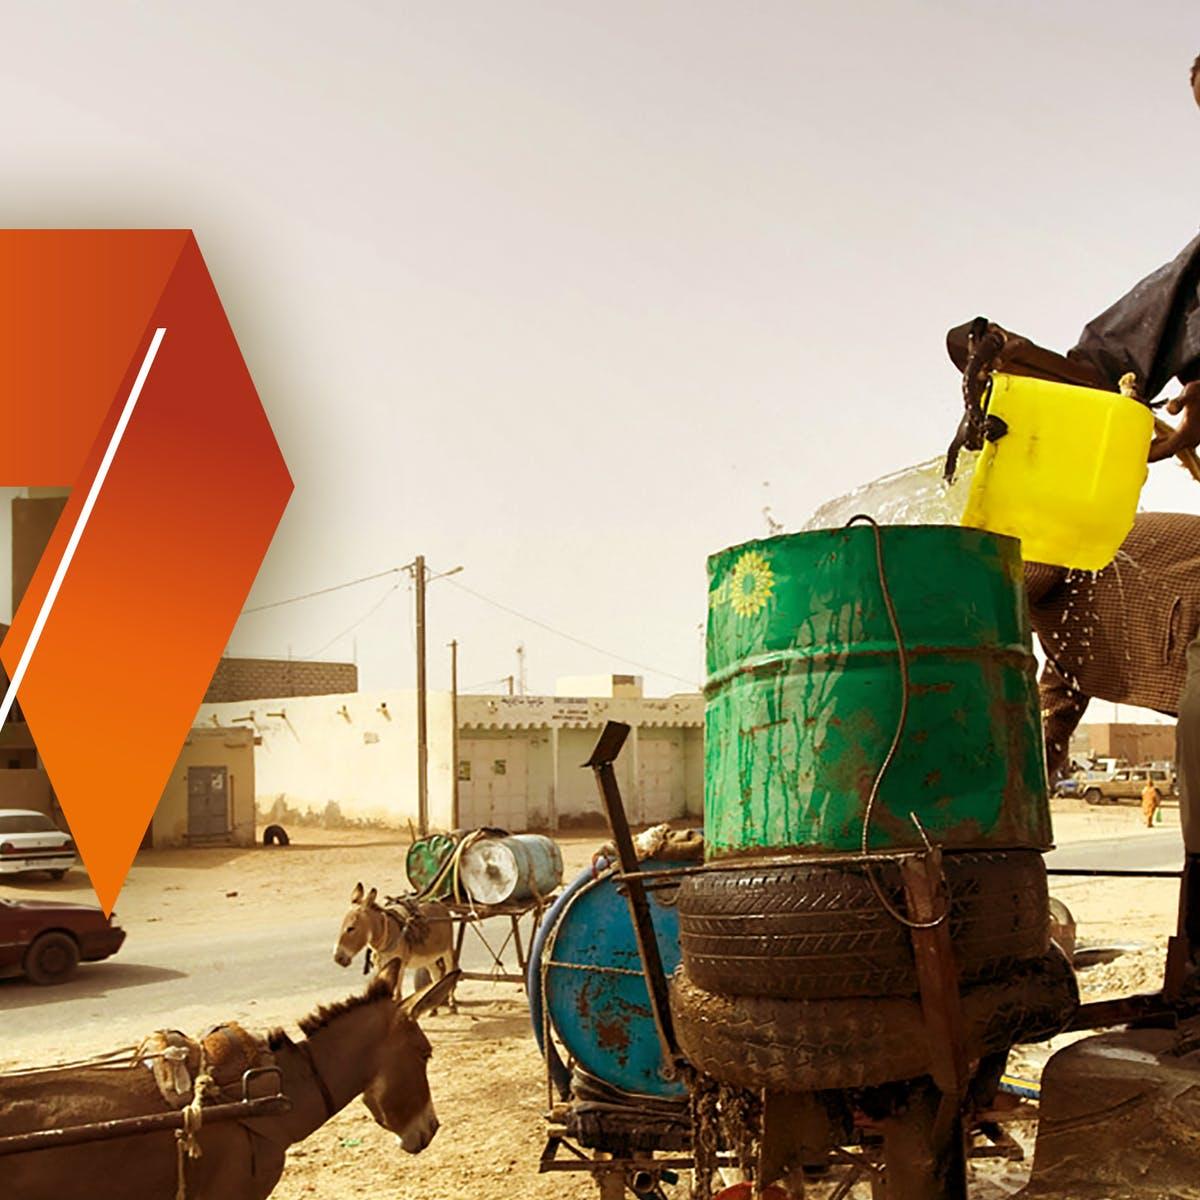 Villes africaines: Environnement et enjeux de développement durable